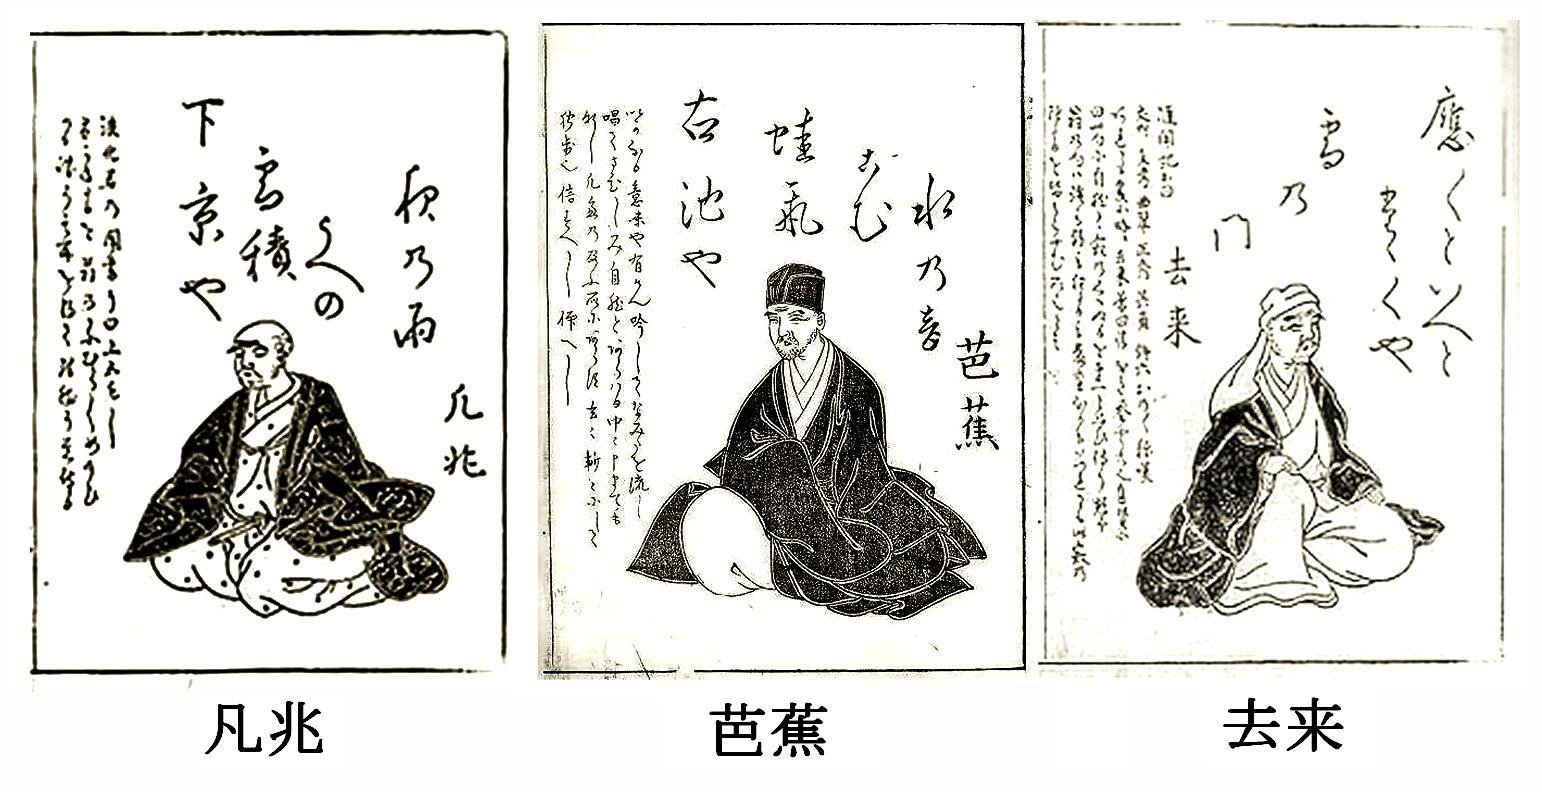 Boncho-Basho-Kyorai-1.jpg